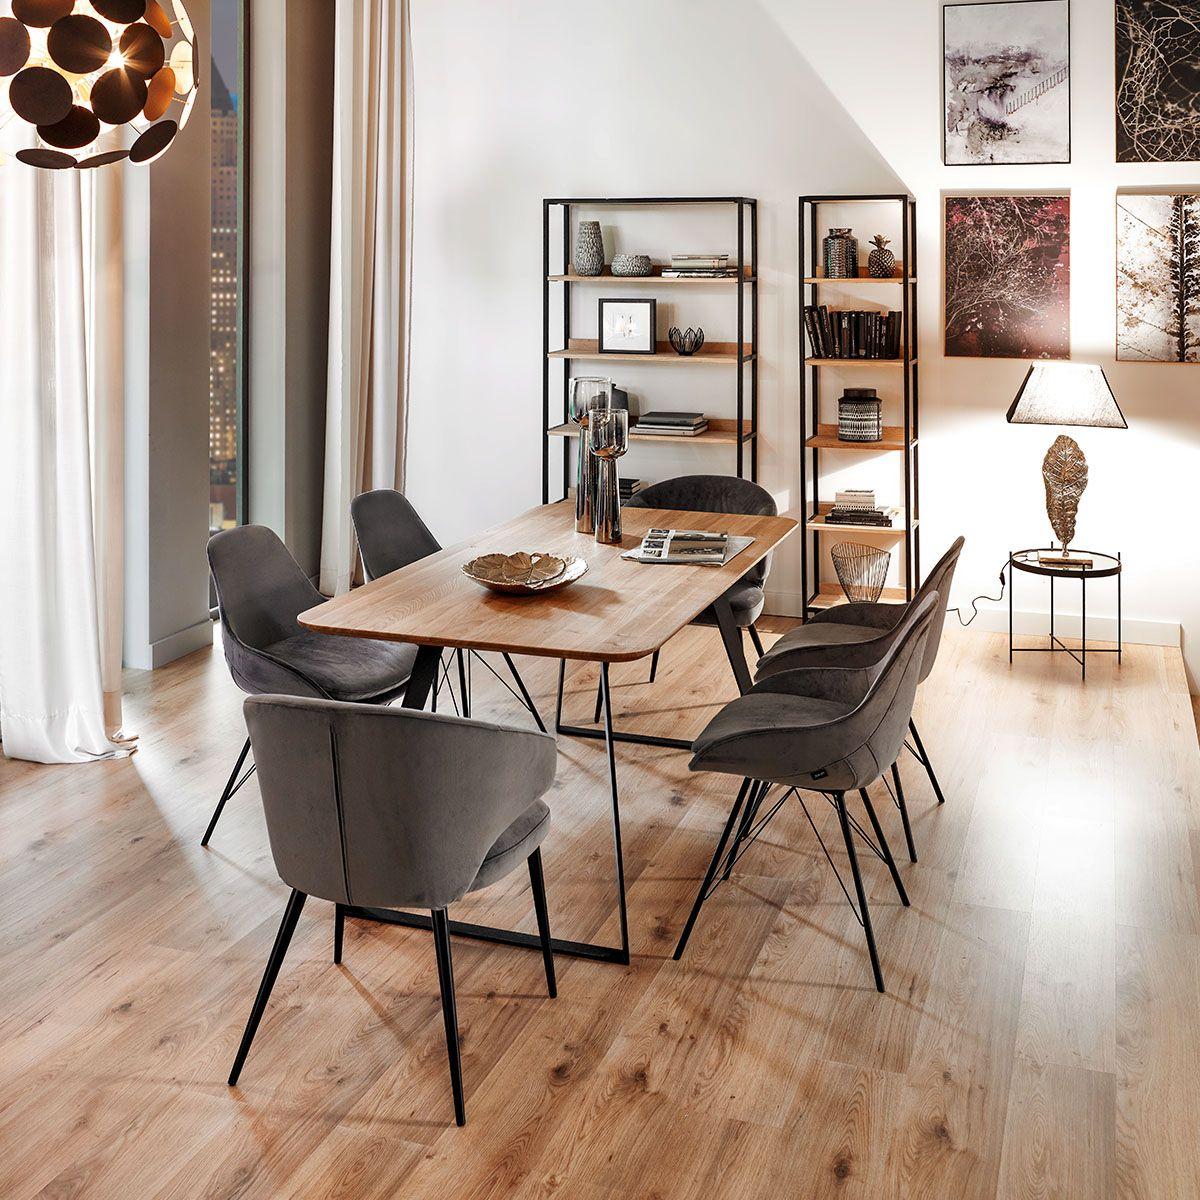 Stuhl In Textil Graphitfarben Schwarz Online Kaufen Xxxlutz In 2020 Stuhle Wohnzimmertische Essstuhle